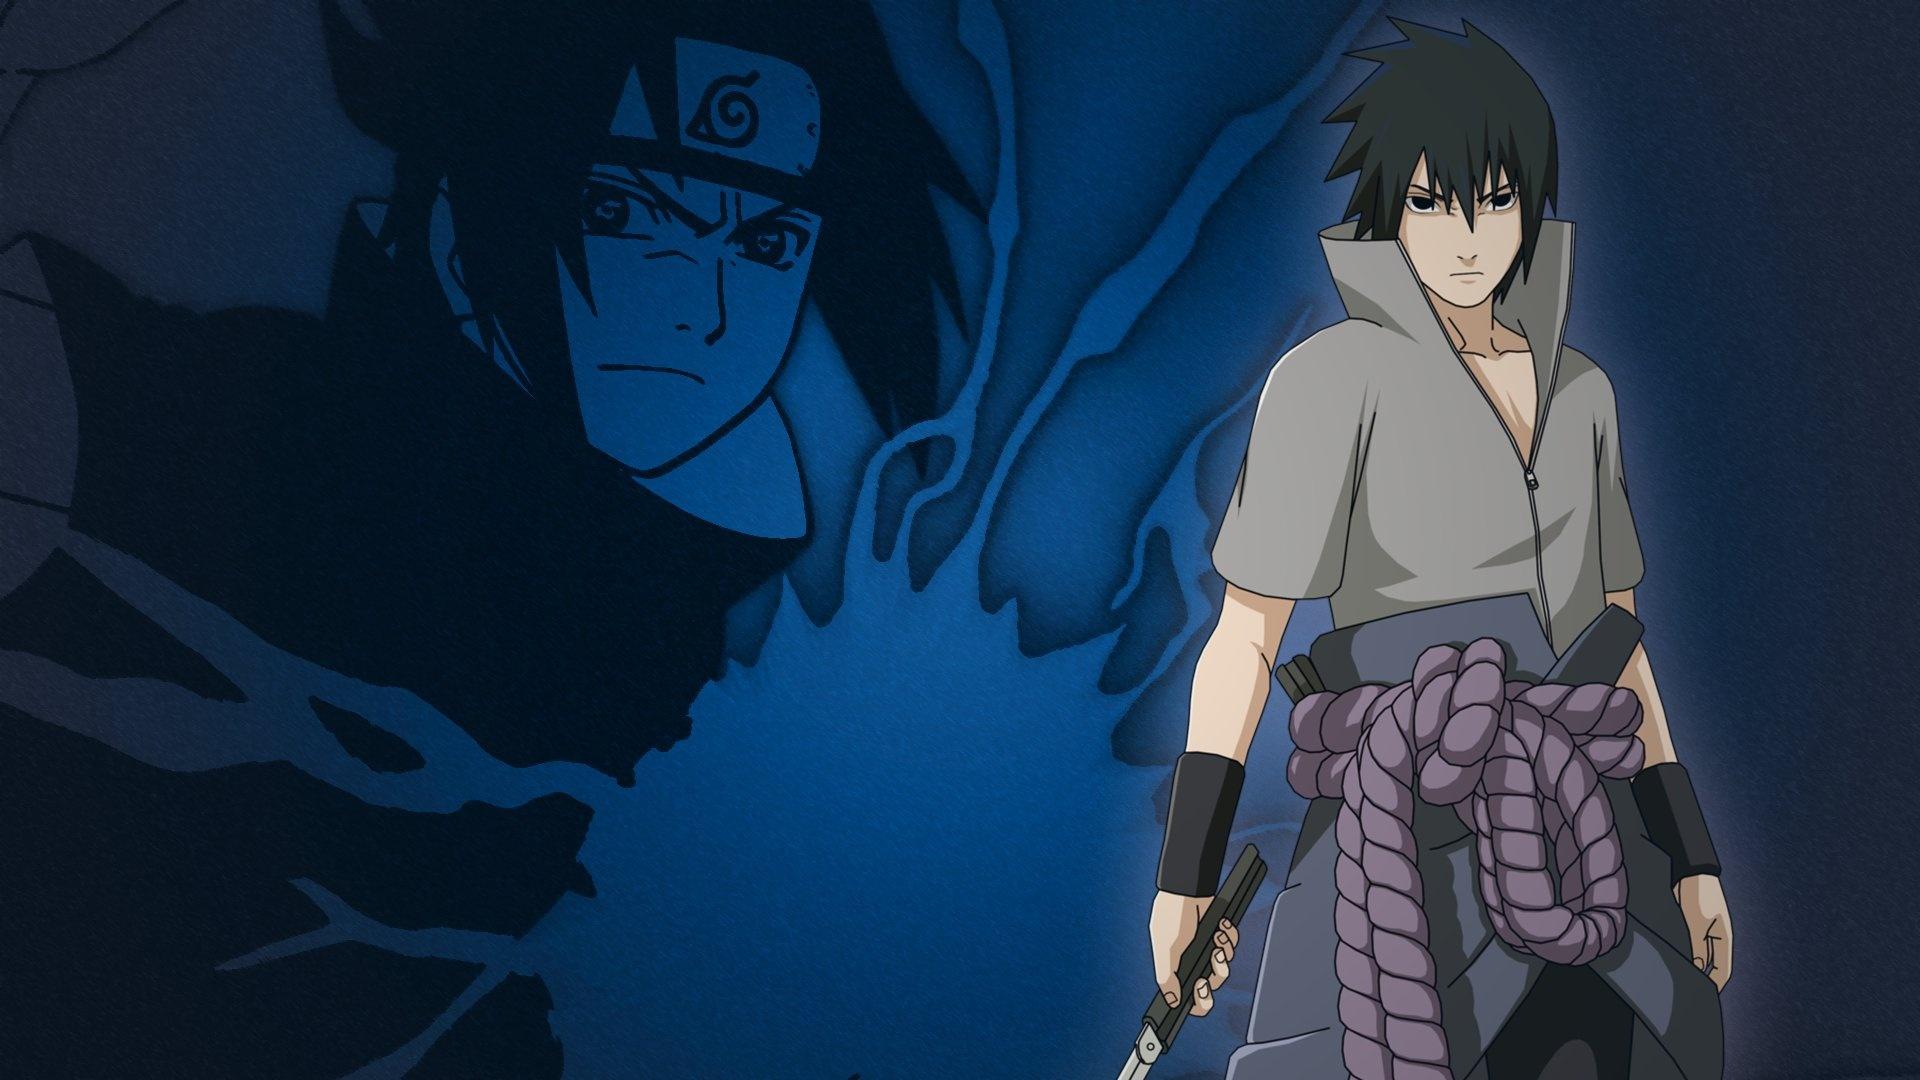 Sasuke laptop wallpaper